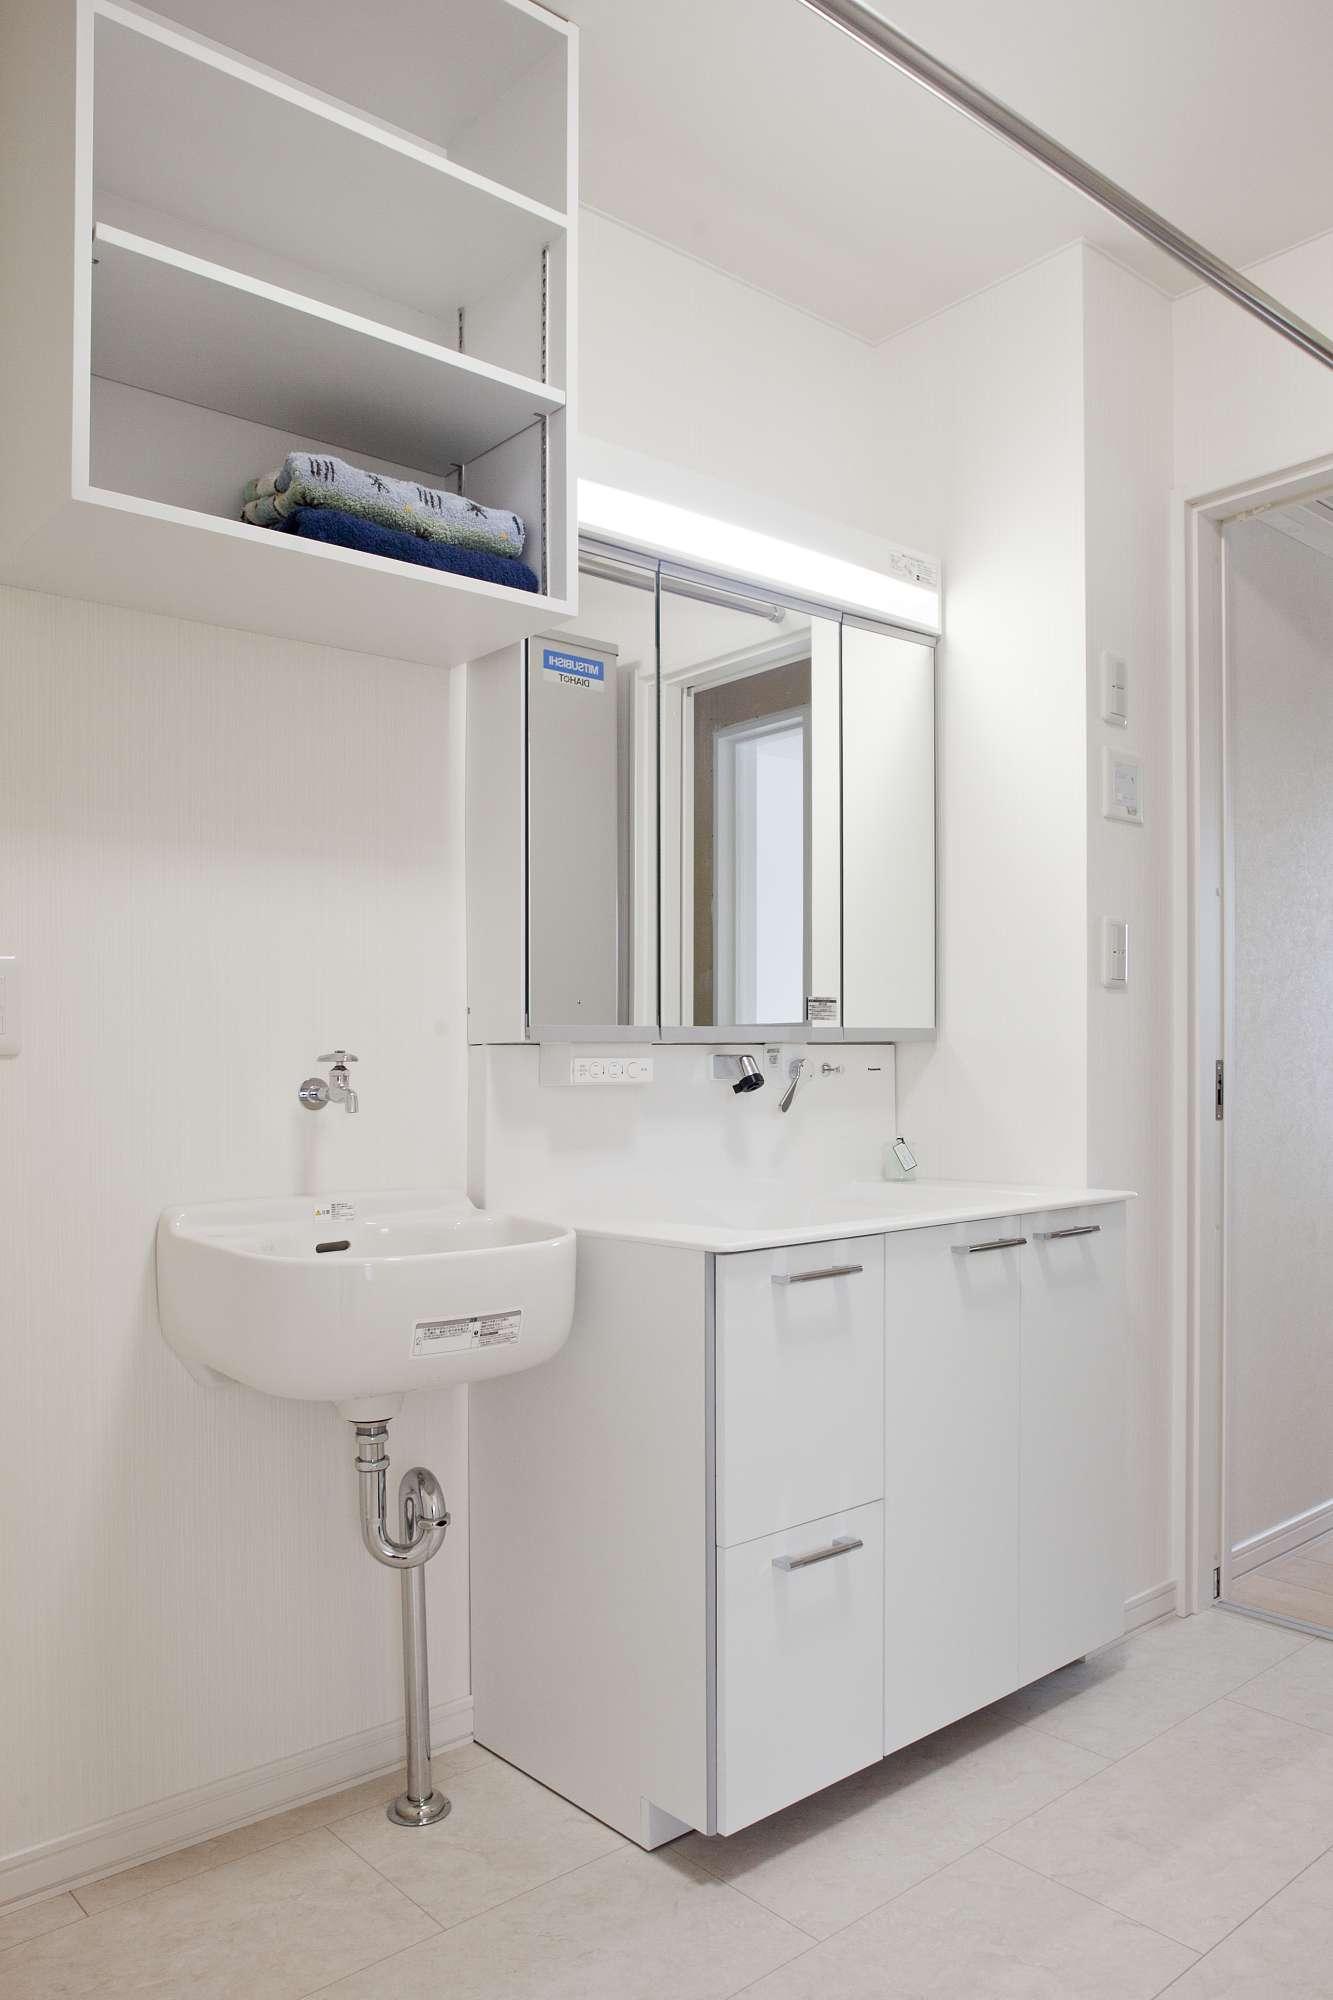 ユーティリティー。洗濯時の手洗い用の水場も設け、より快適なスペースに -  -  -